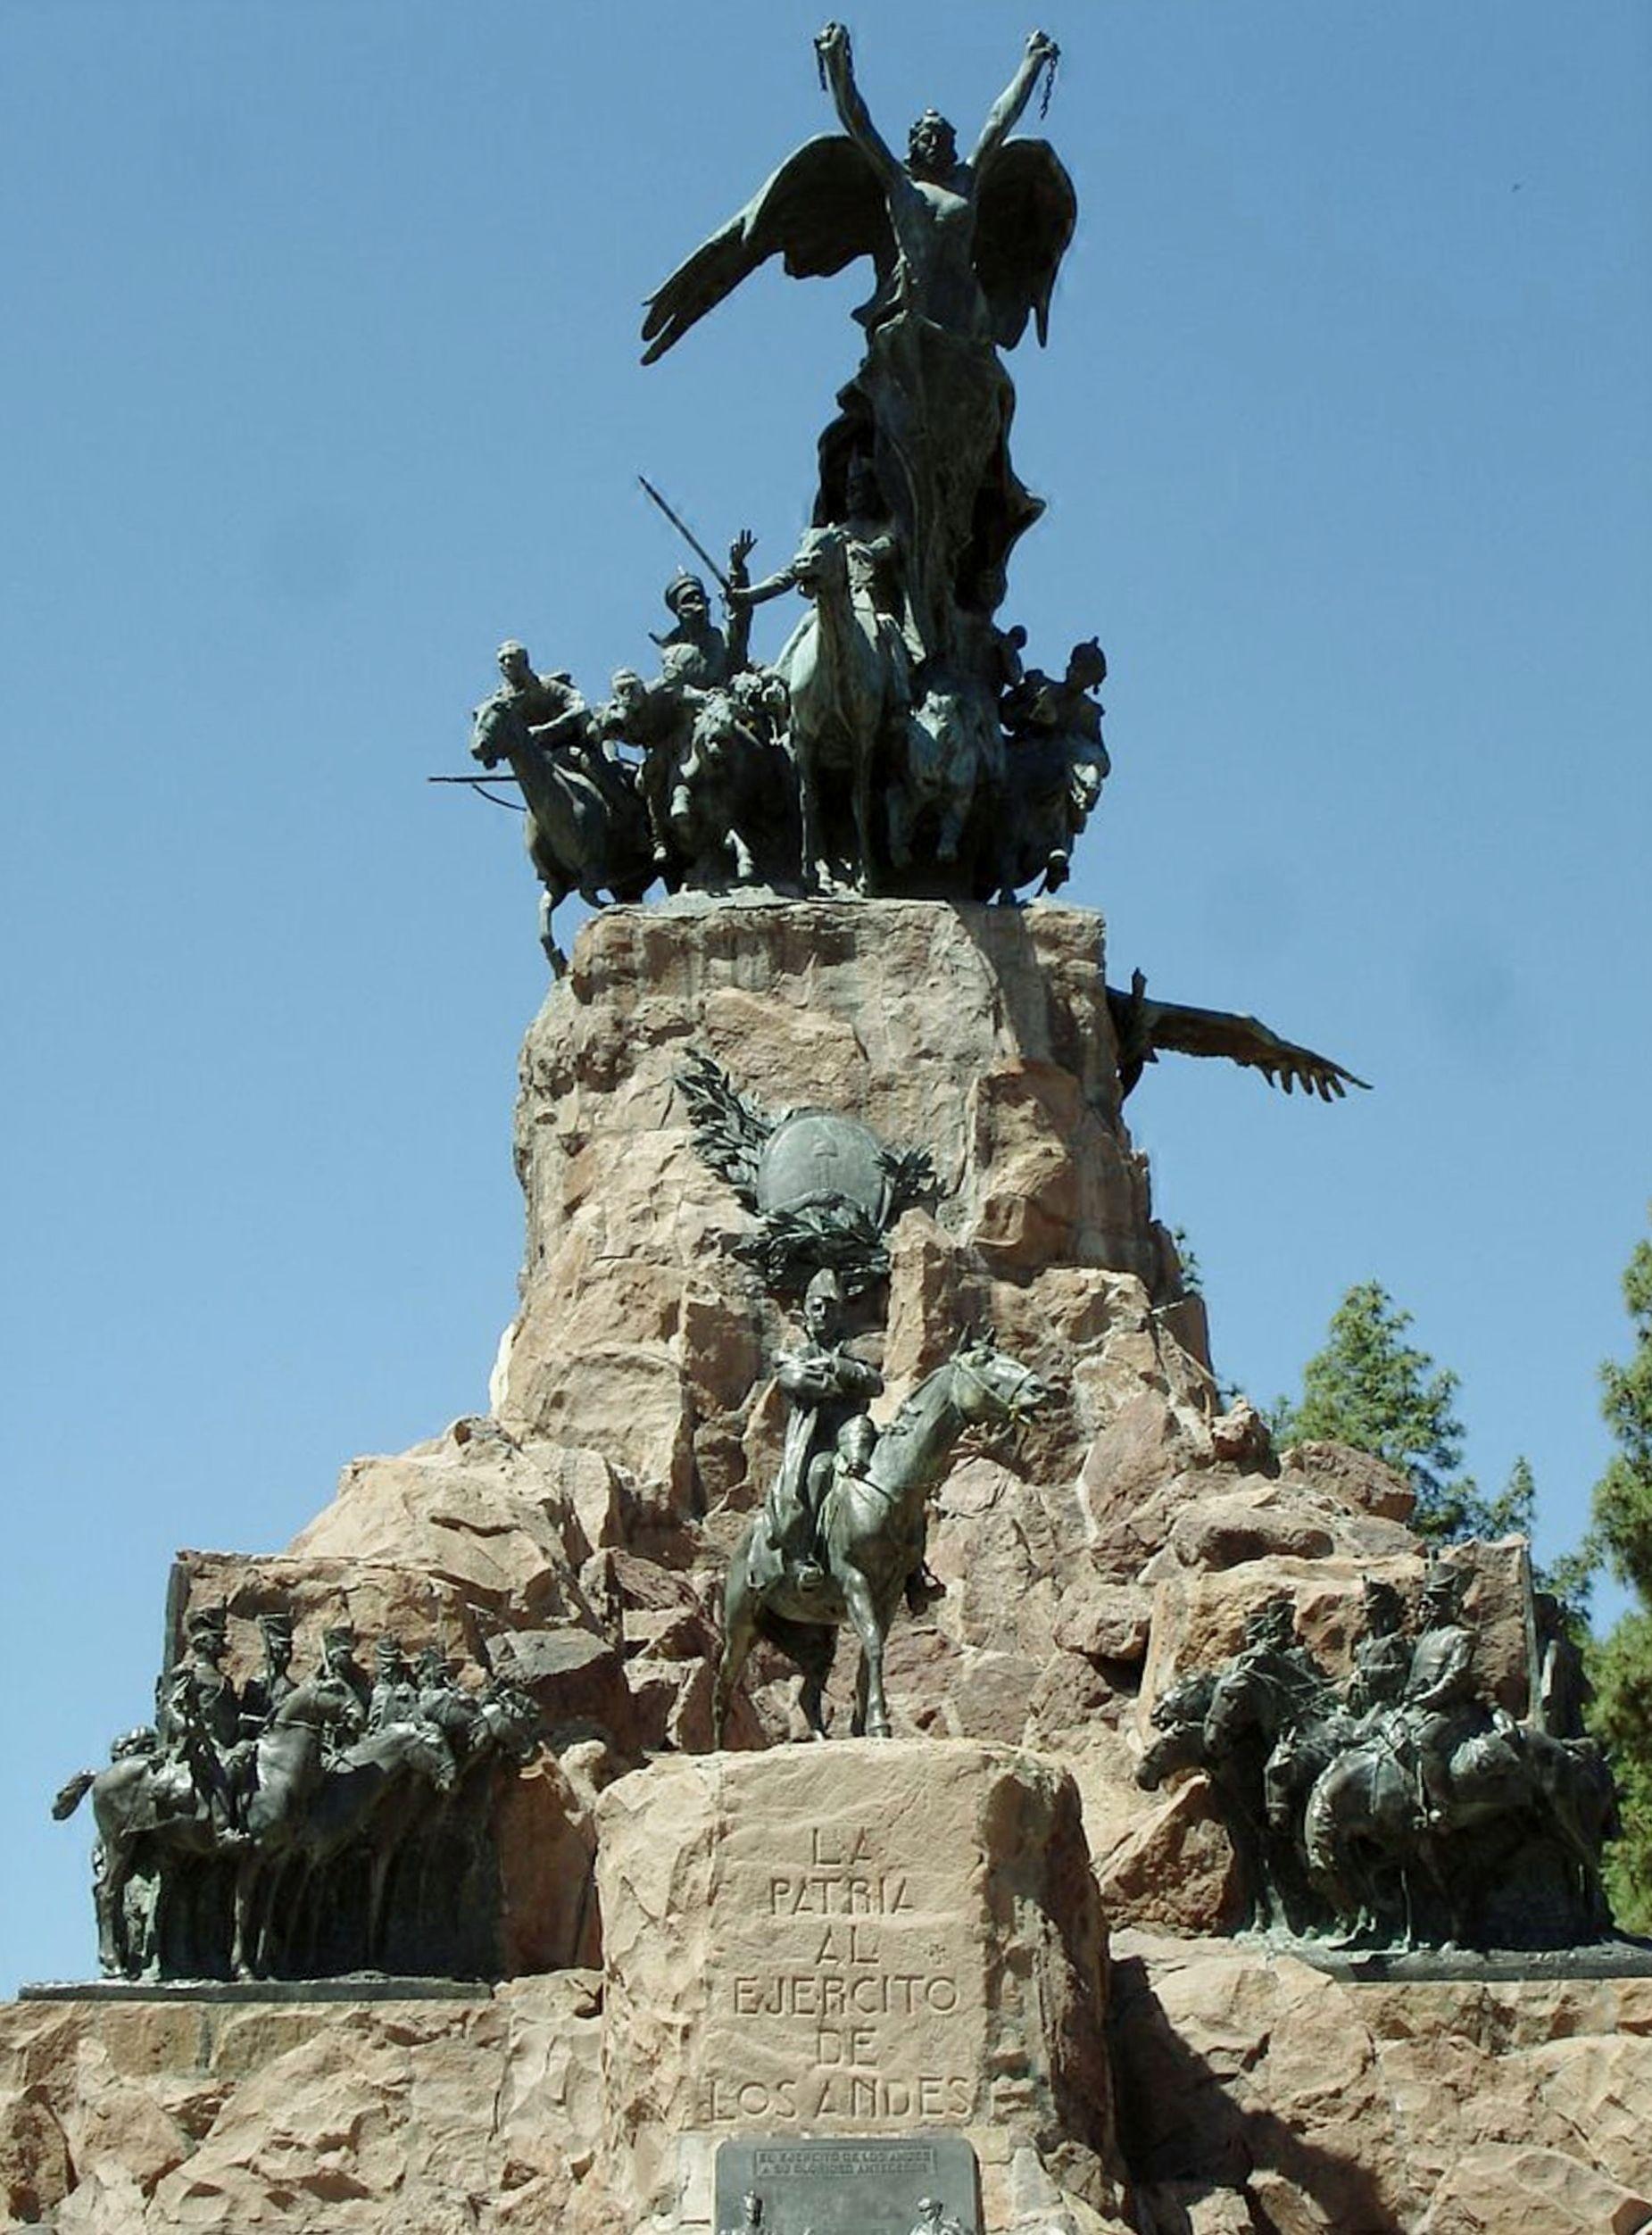 Monumento al Ejército de Los Andes, Cerro de la Gloria, Provincia de Mendoza, Argentina